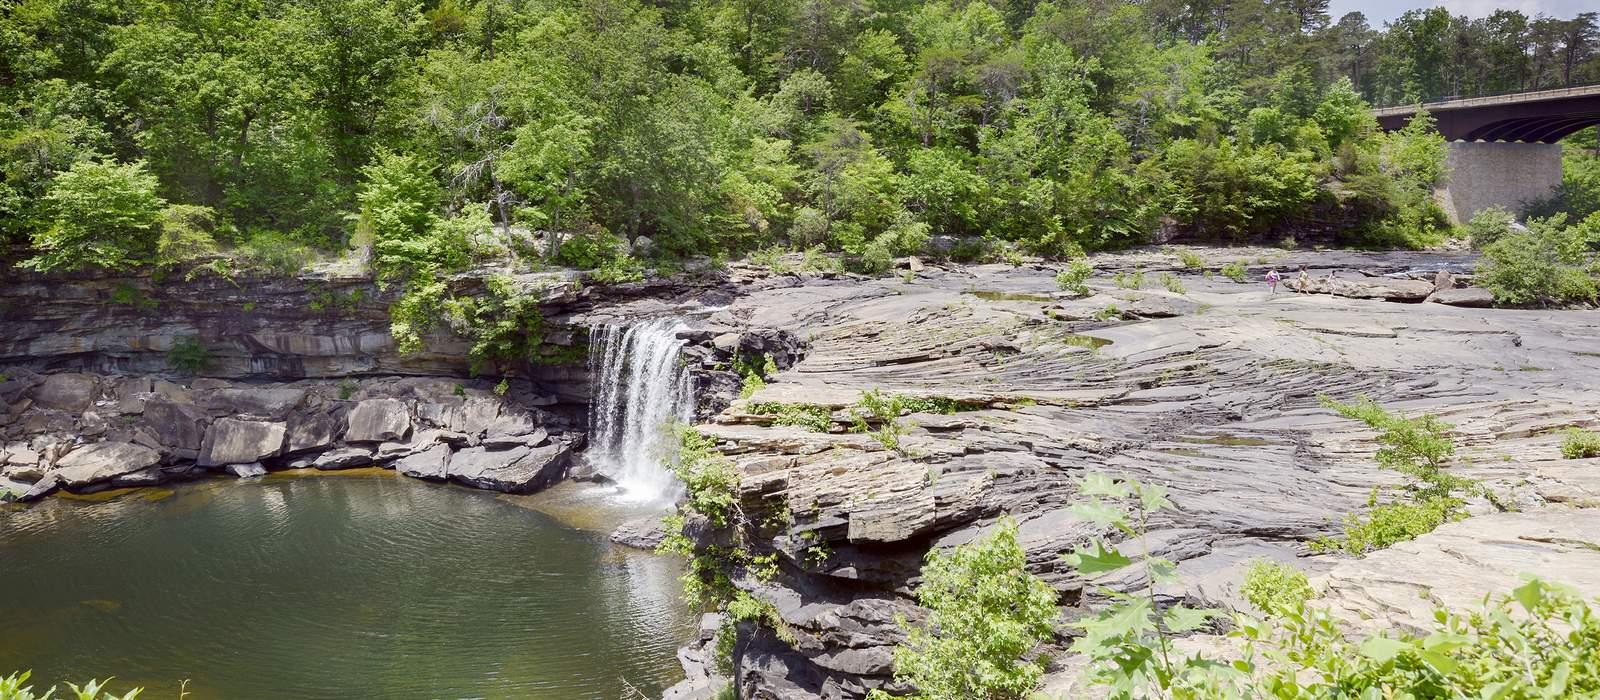 Kleiner Wasserfall nahe Gaylesville, Alabama